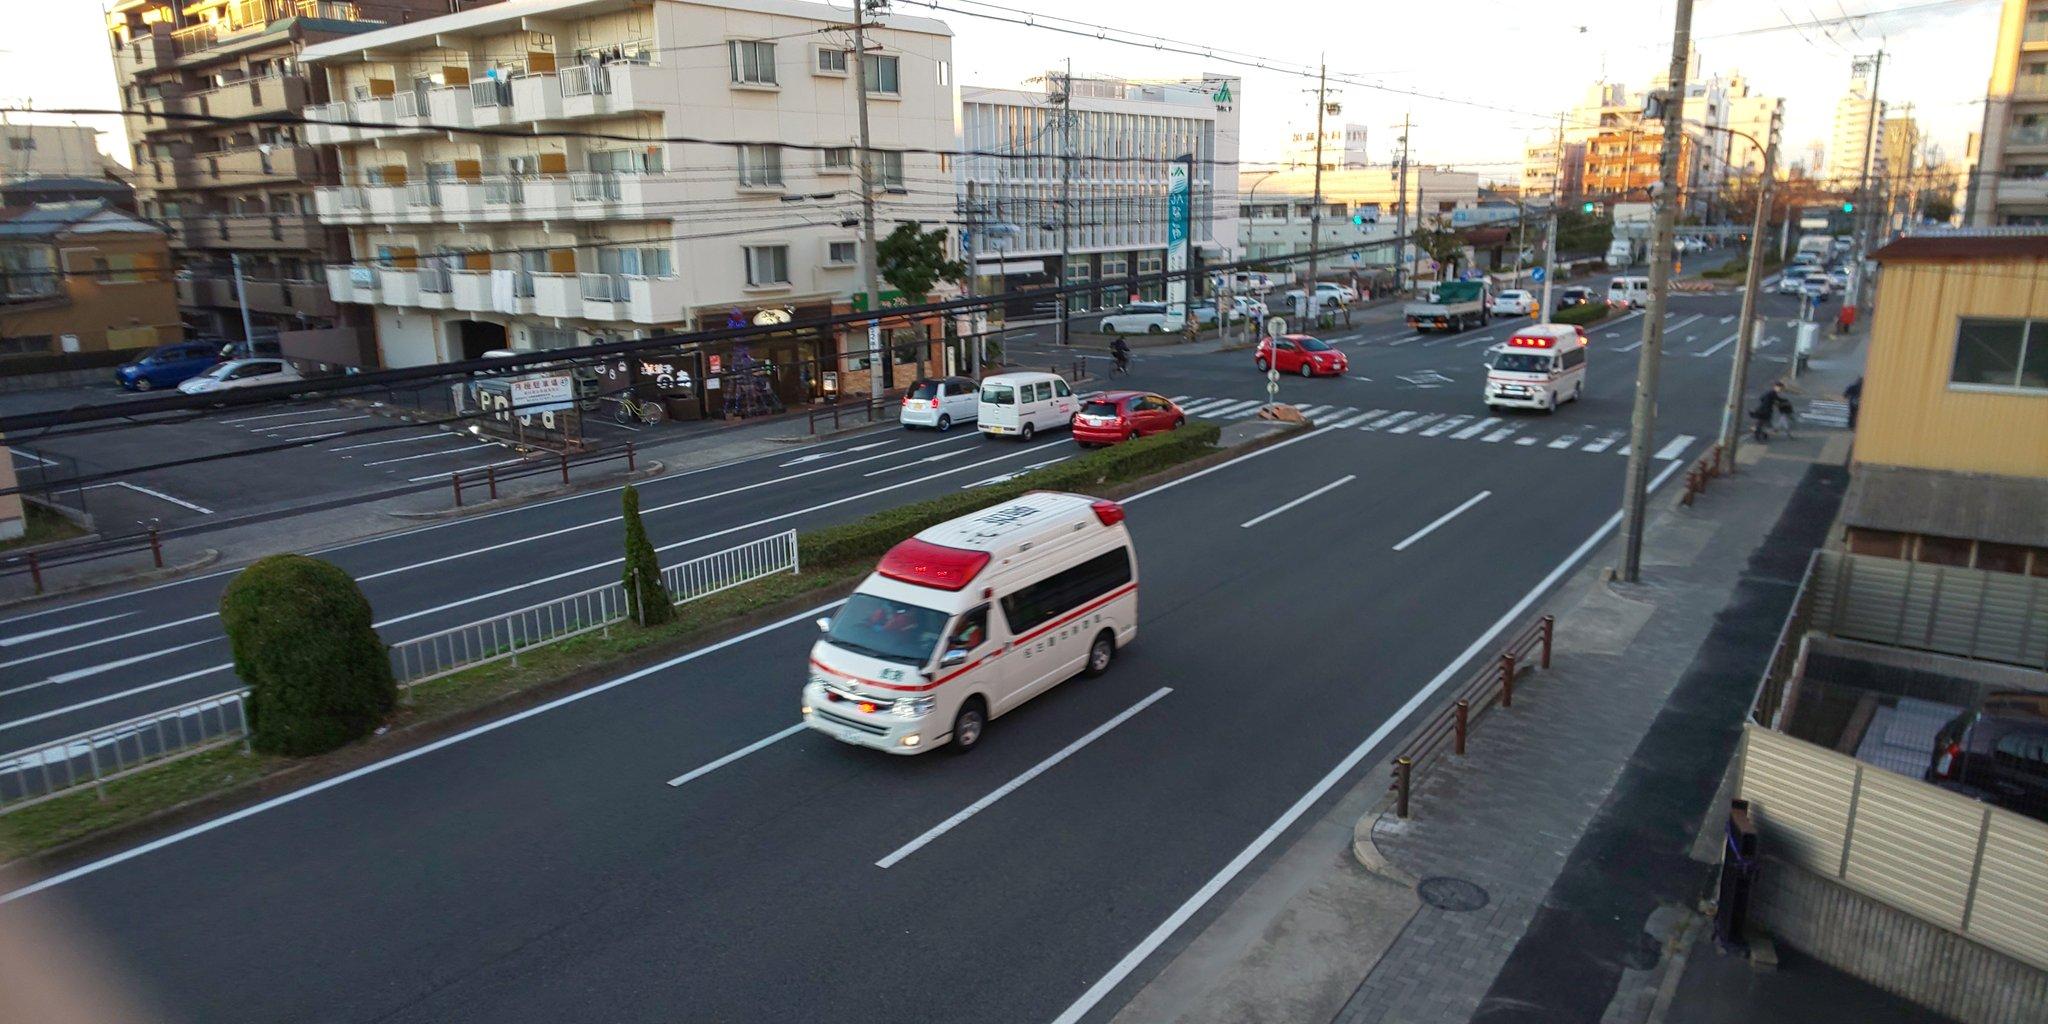 名古屋市中川区のスイミングスクールの異臭騒ぎで救急車が出動している画像